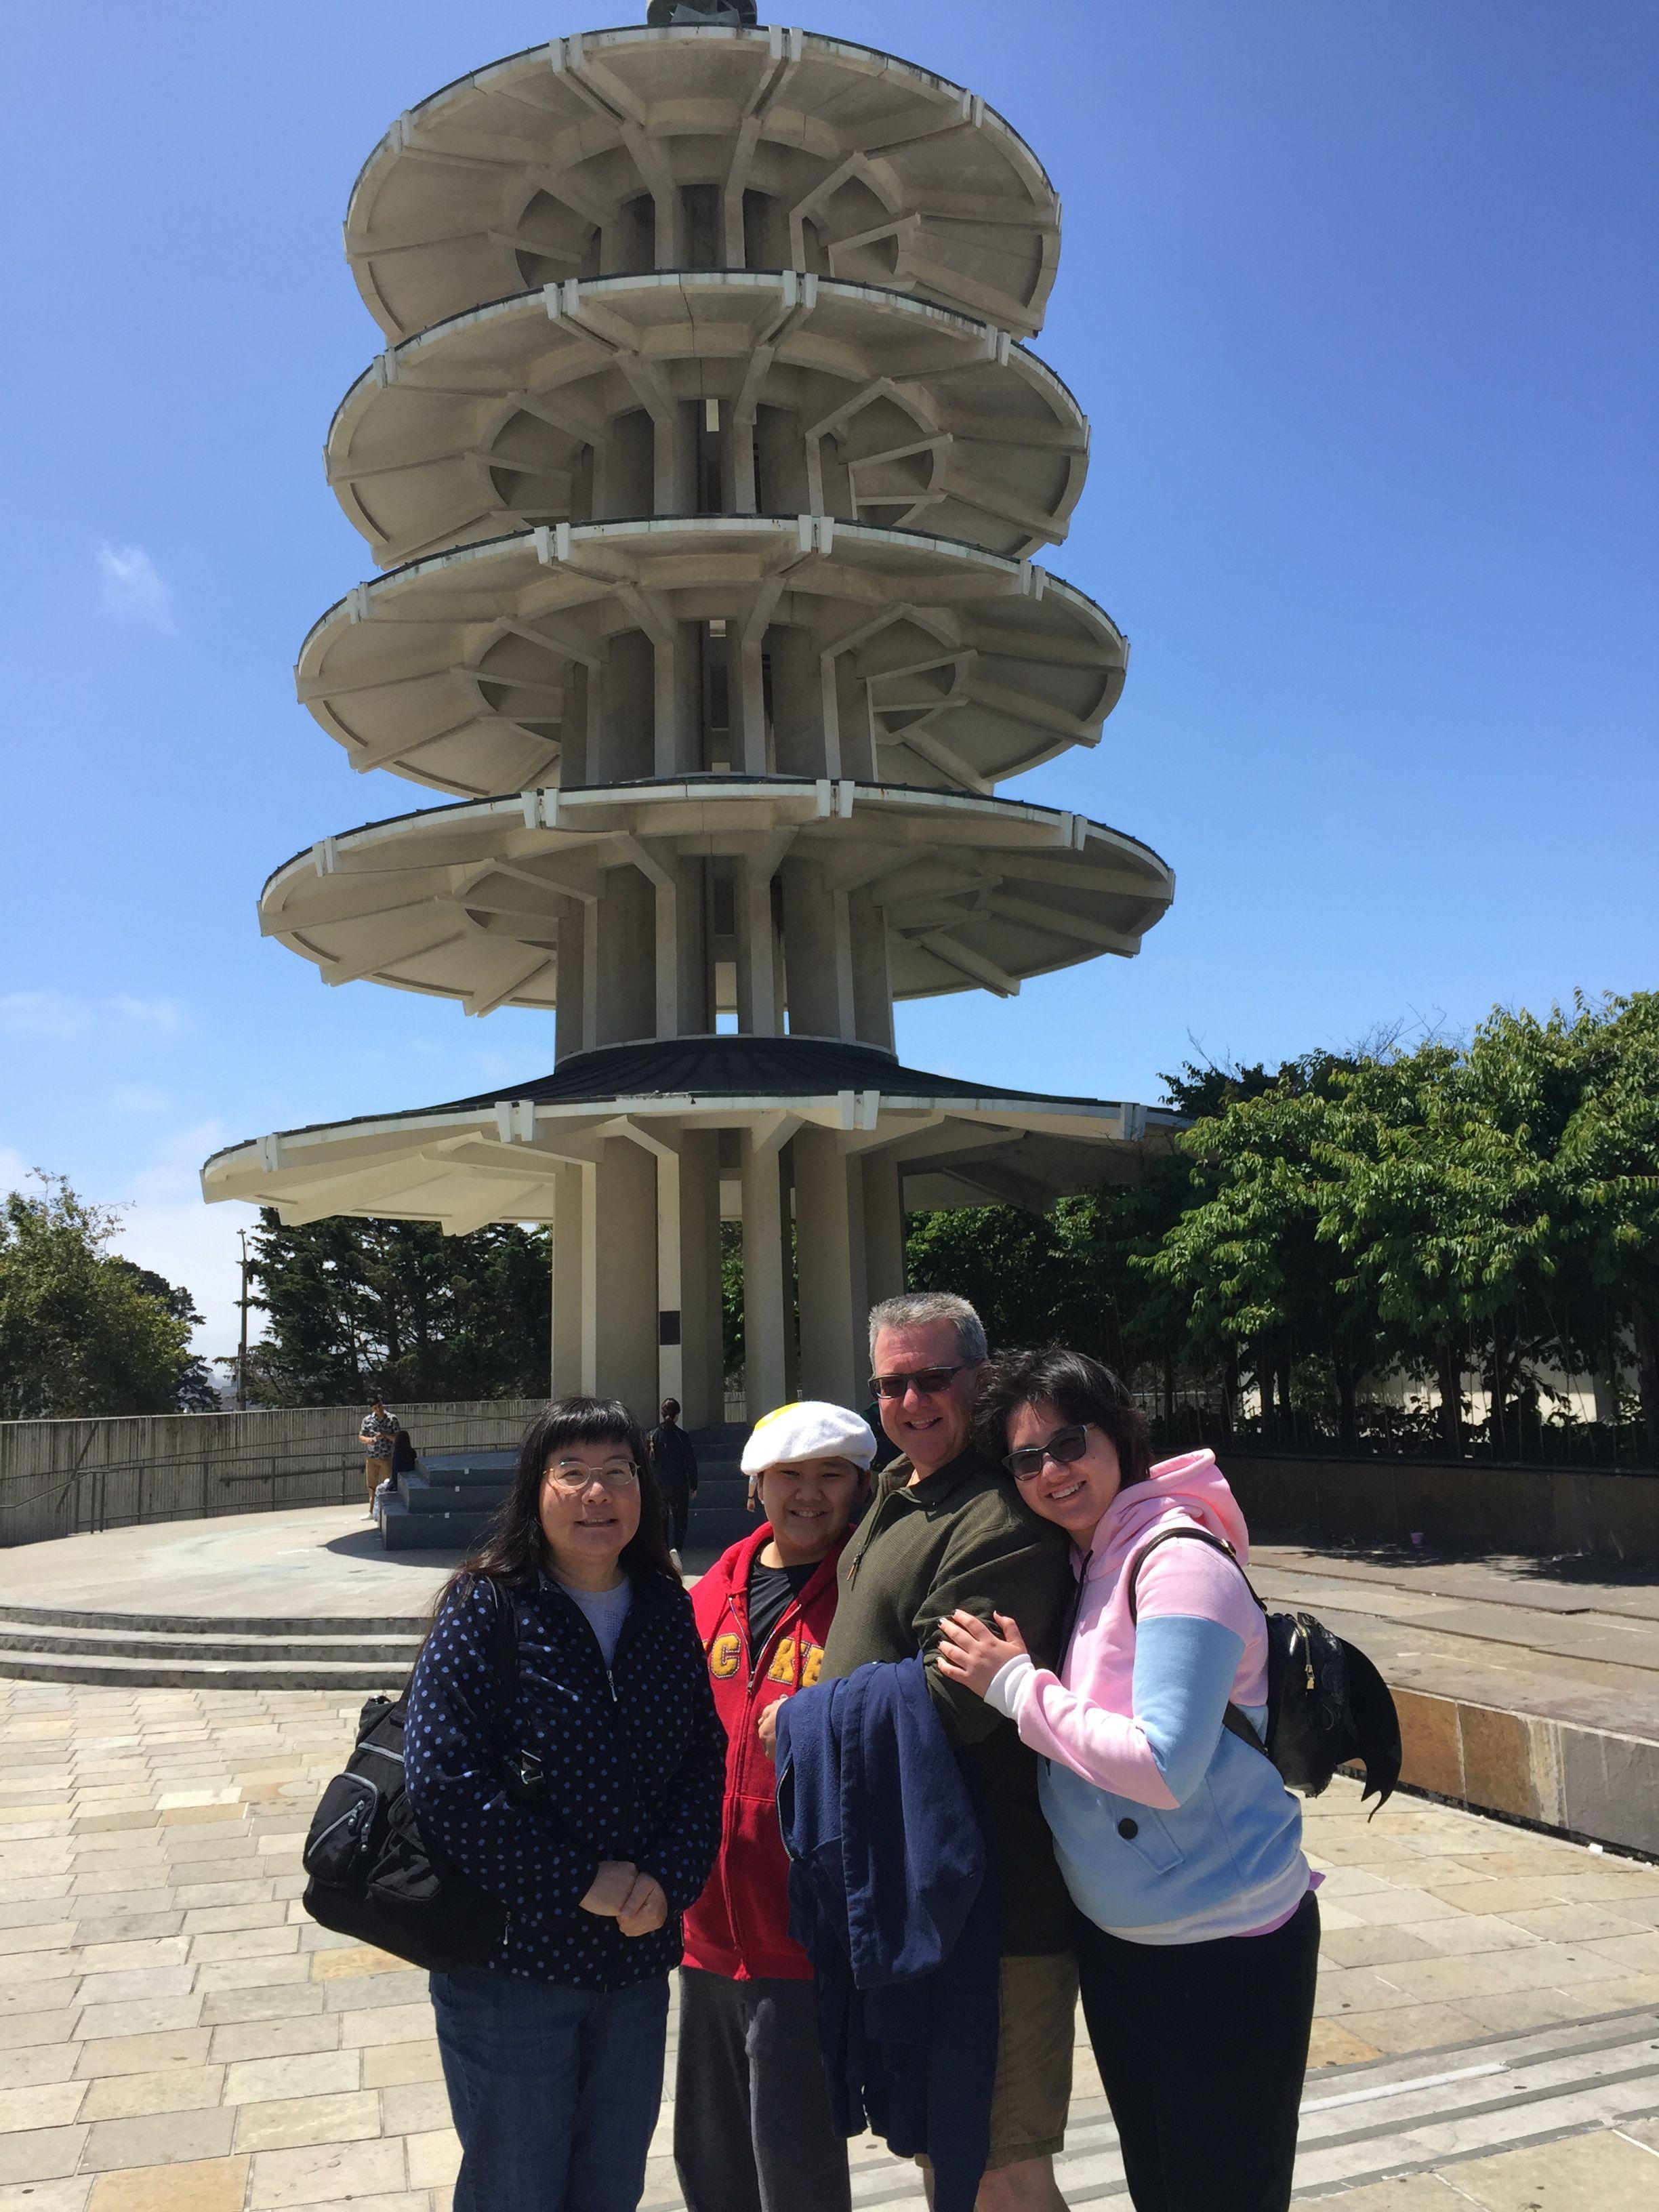 Peace Pagoda at Japantown, San Francisco